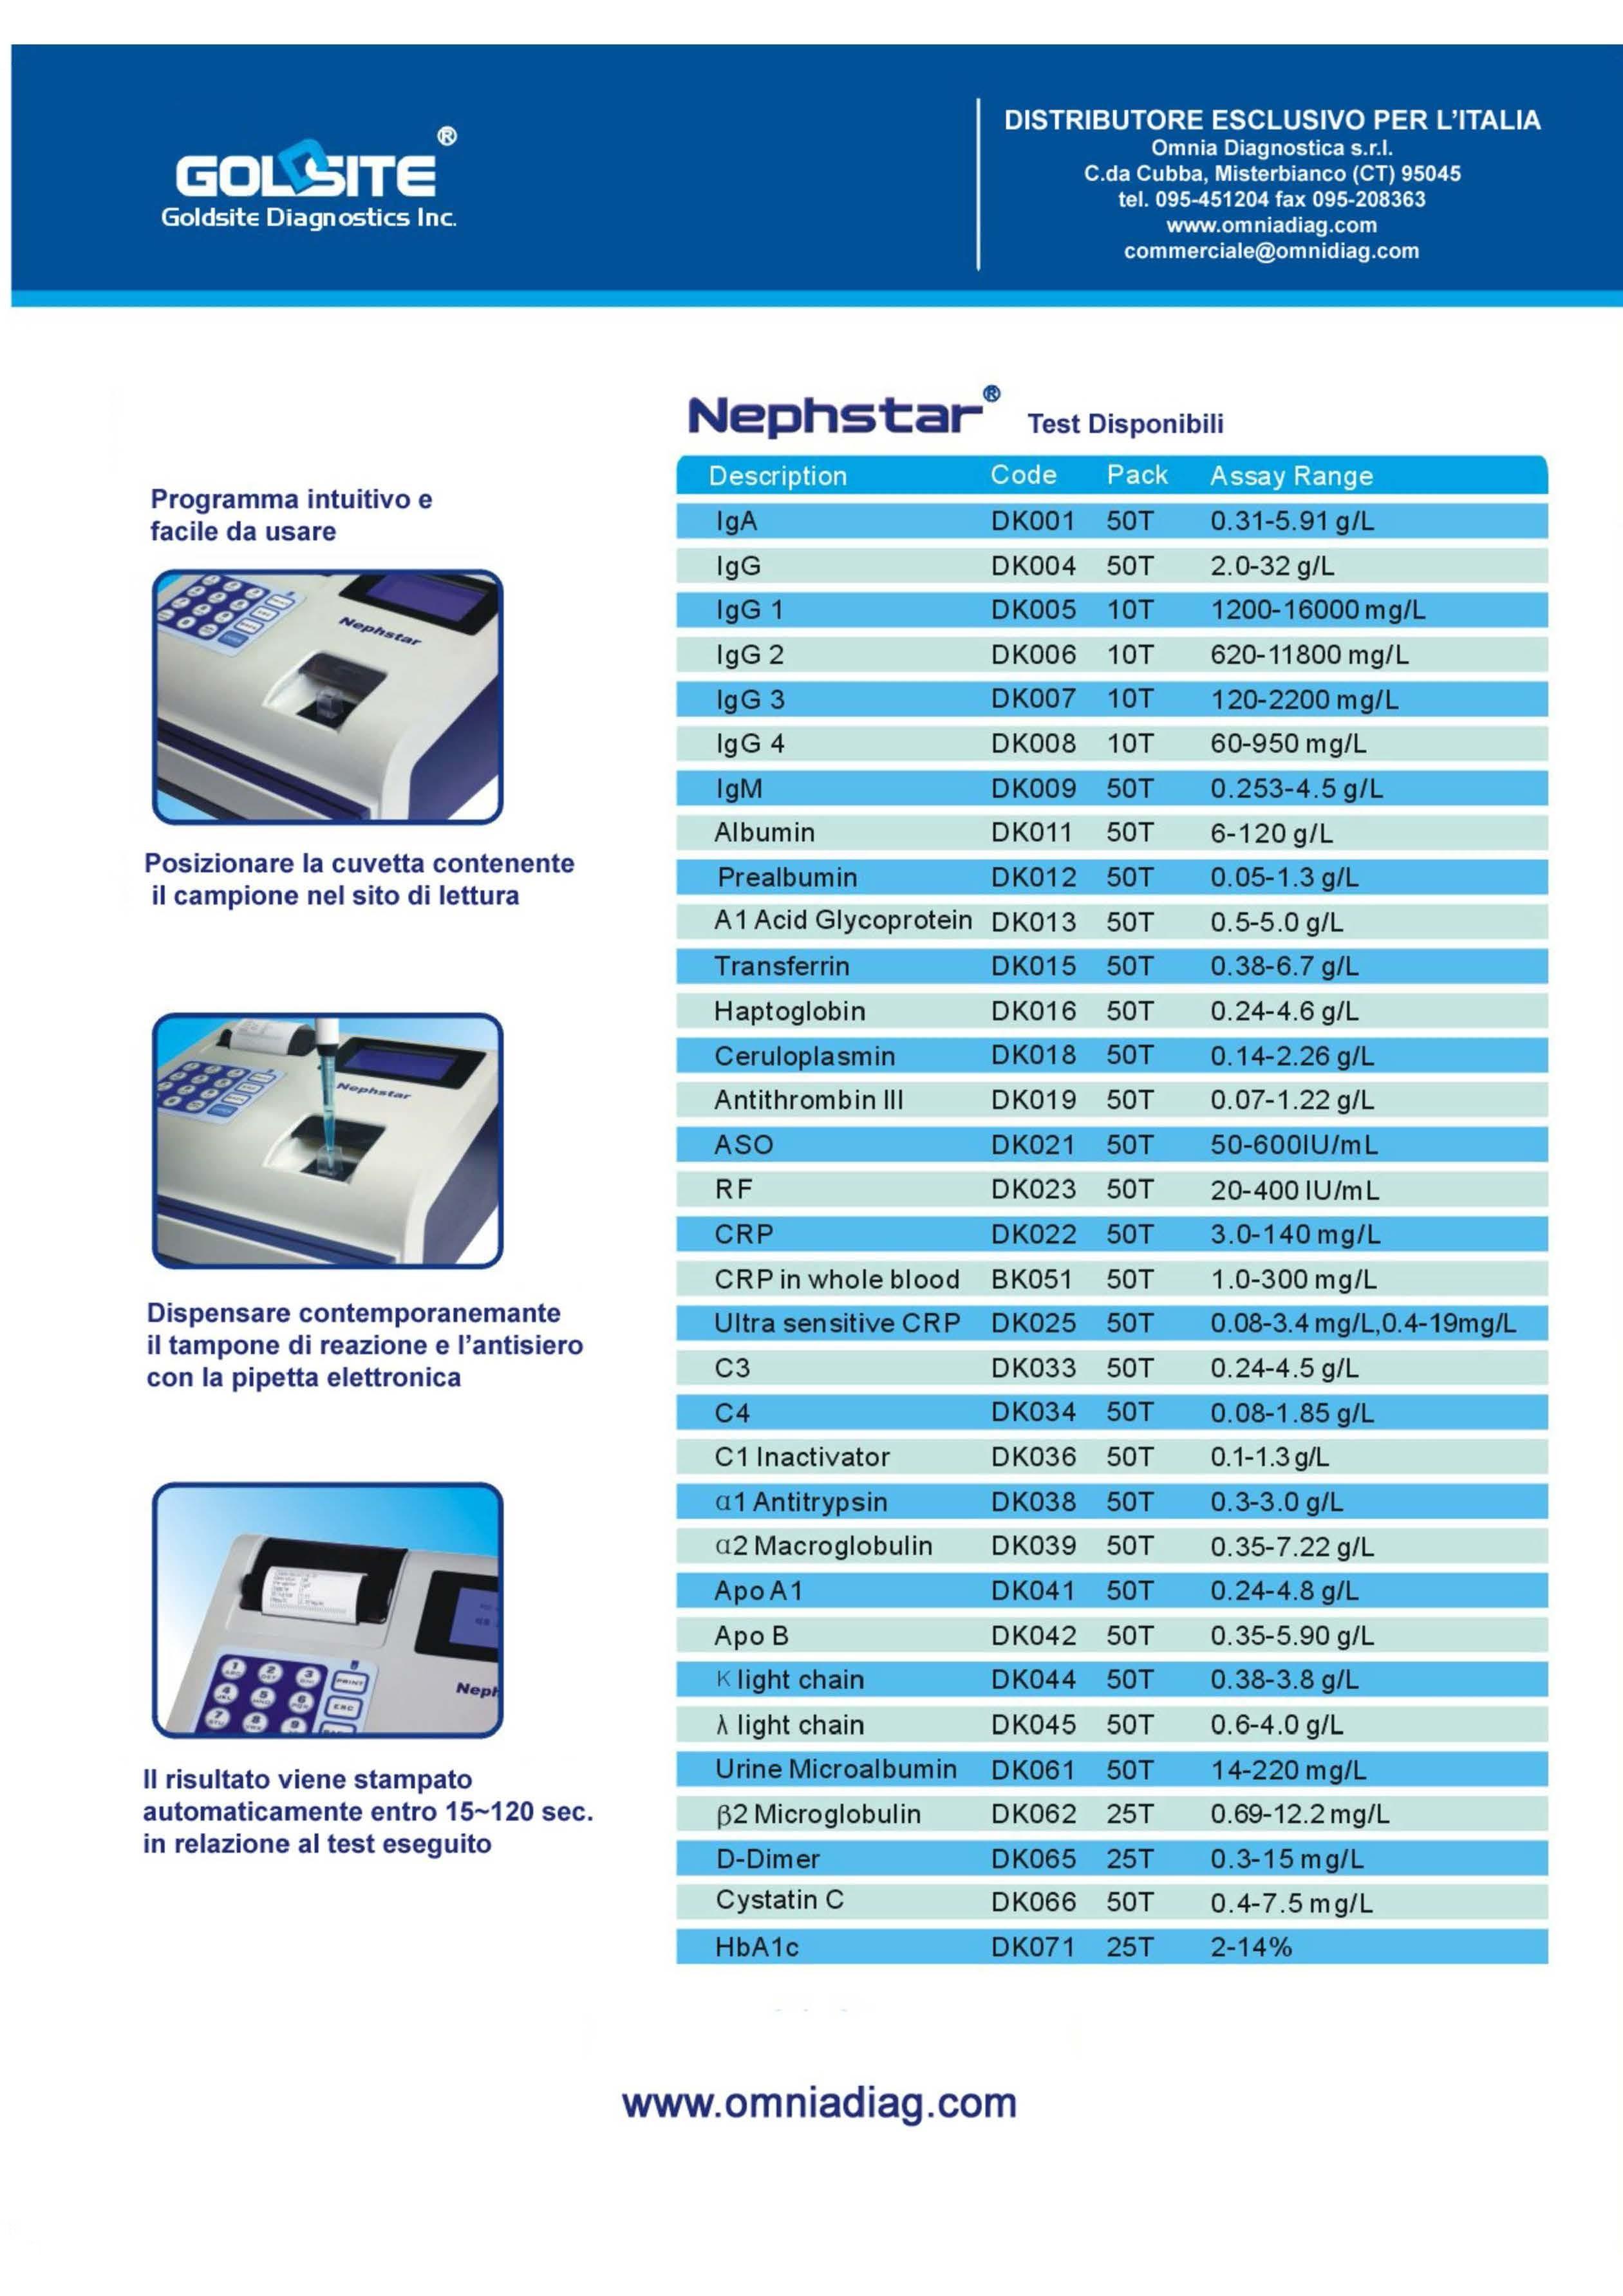 NEPHSTAR_Pagina_3